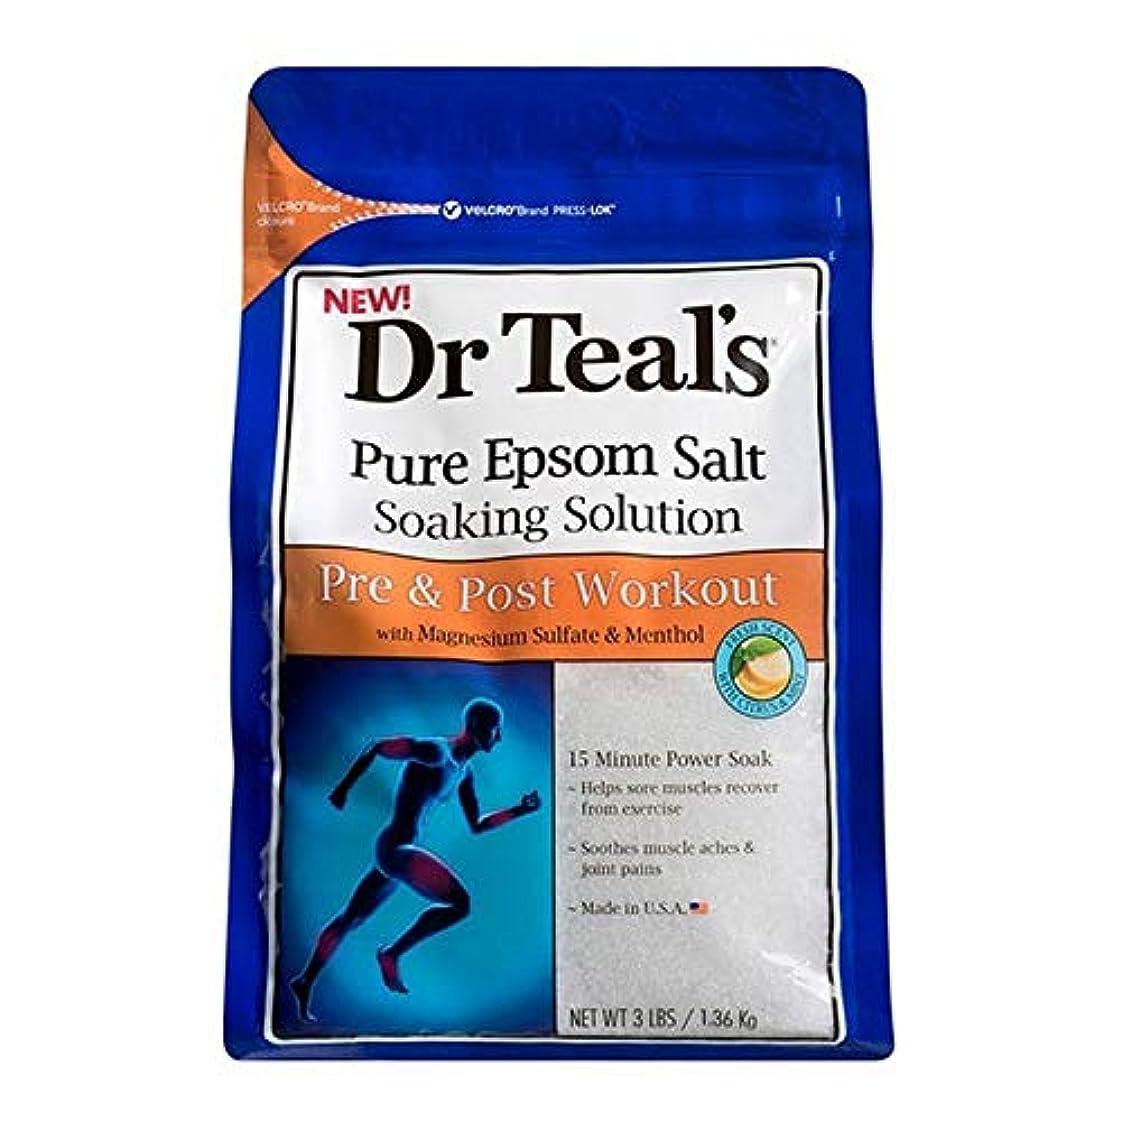 赤脊椎トリップ[Dr Teals] Drのティールの均熱Bathsalt前N個のポストワークアウト1.36キロ - Dr Teal's Soaking Bathsalt Pre N Post Workout 1.36 kg [並行輸入品]